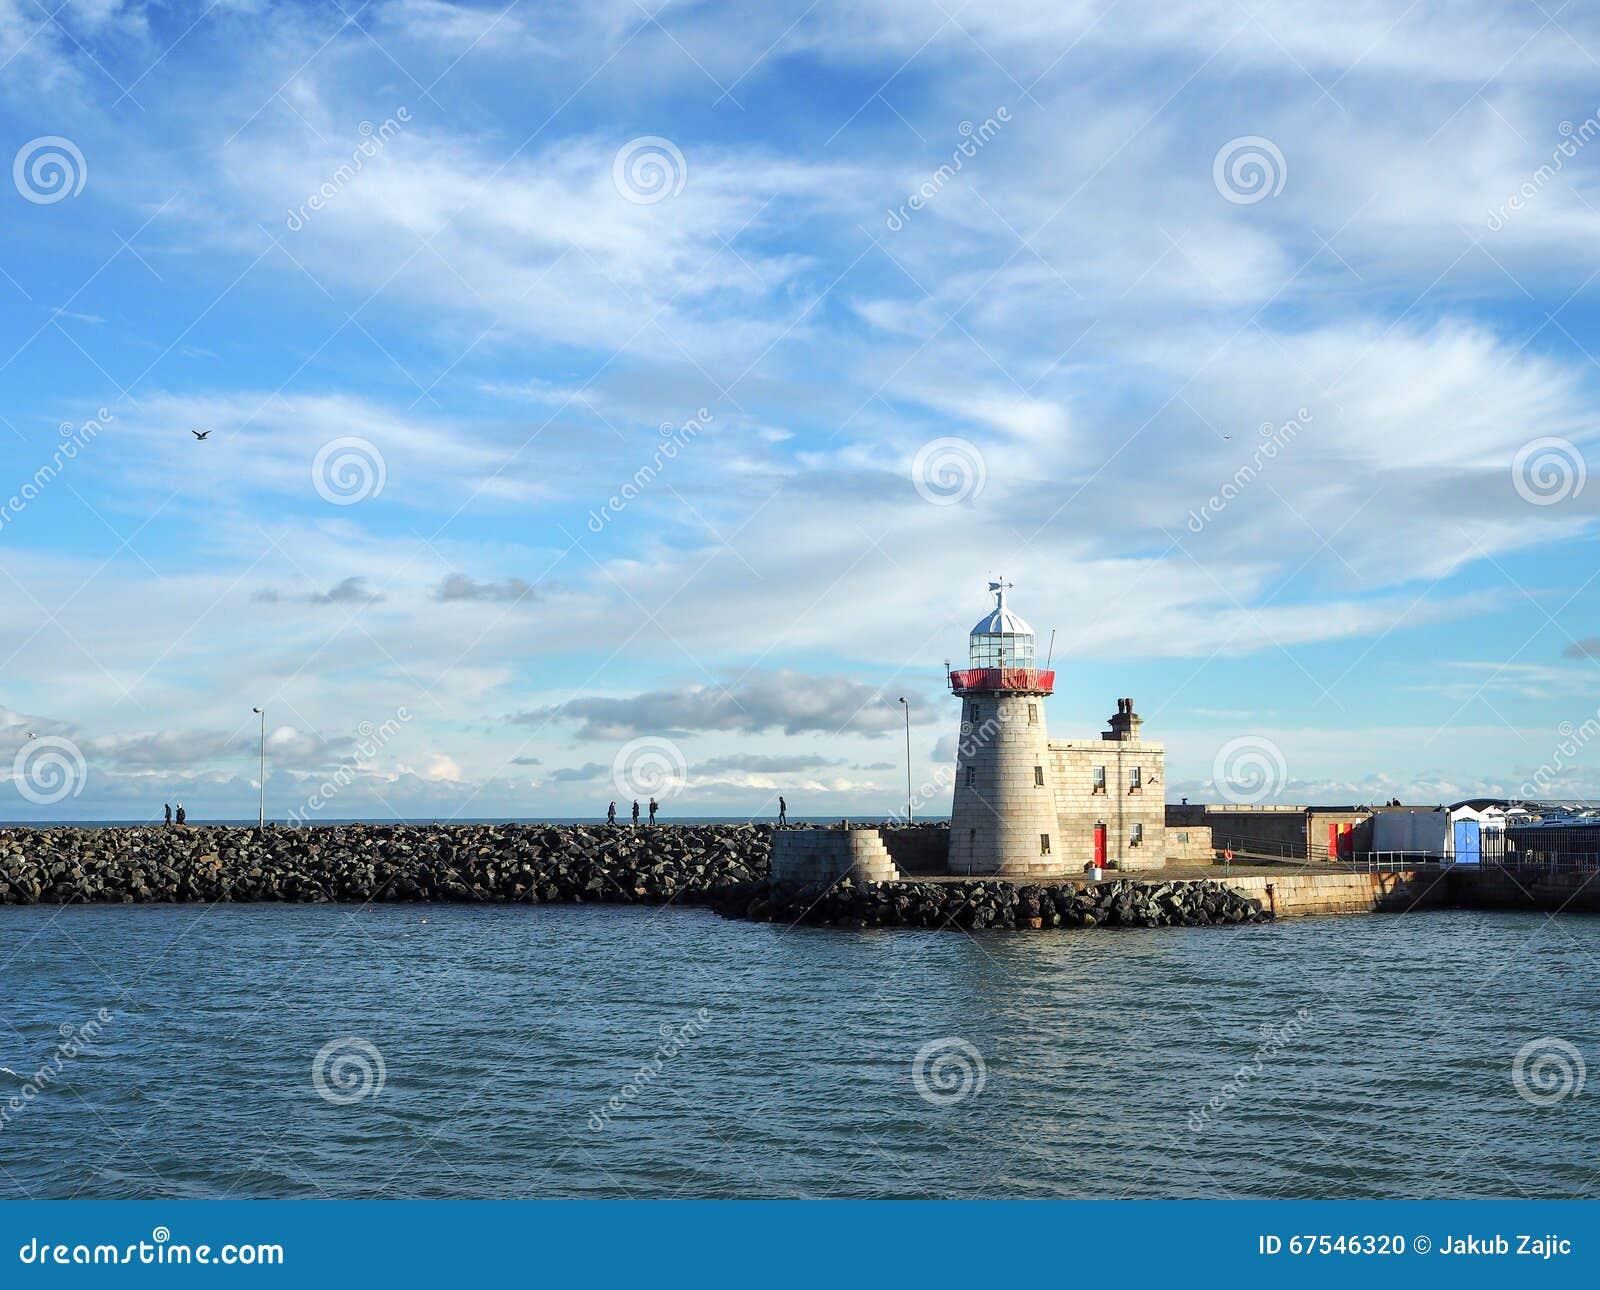 Lighthouse in Howth, Dublin